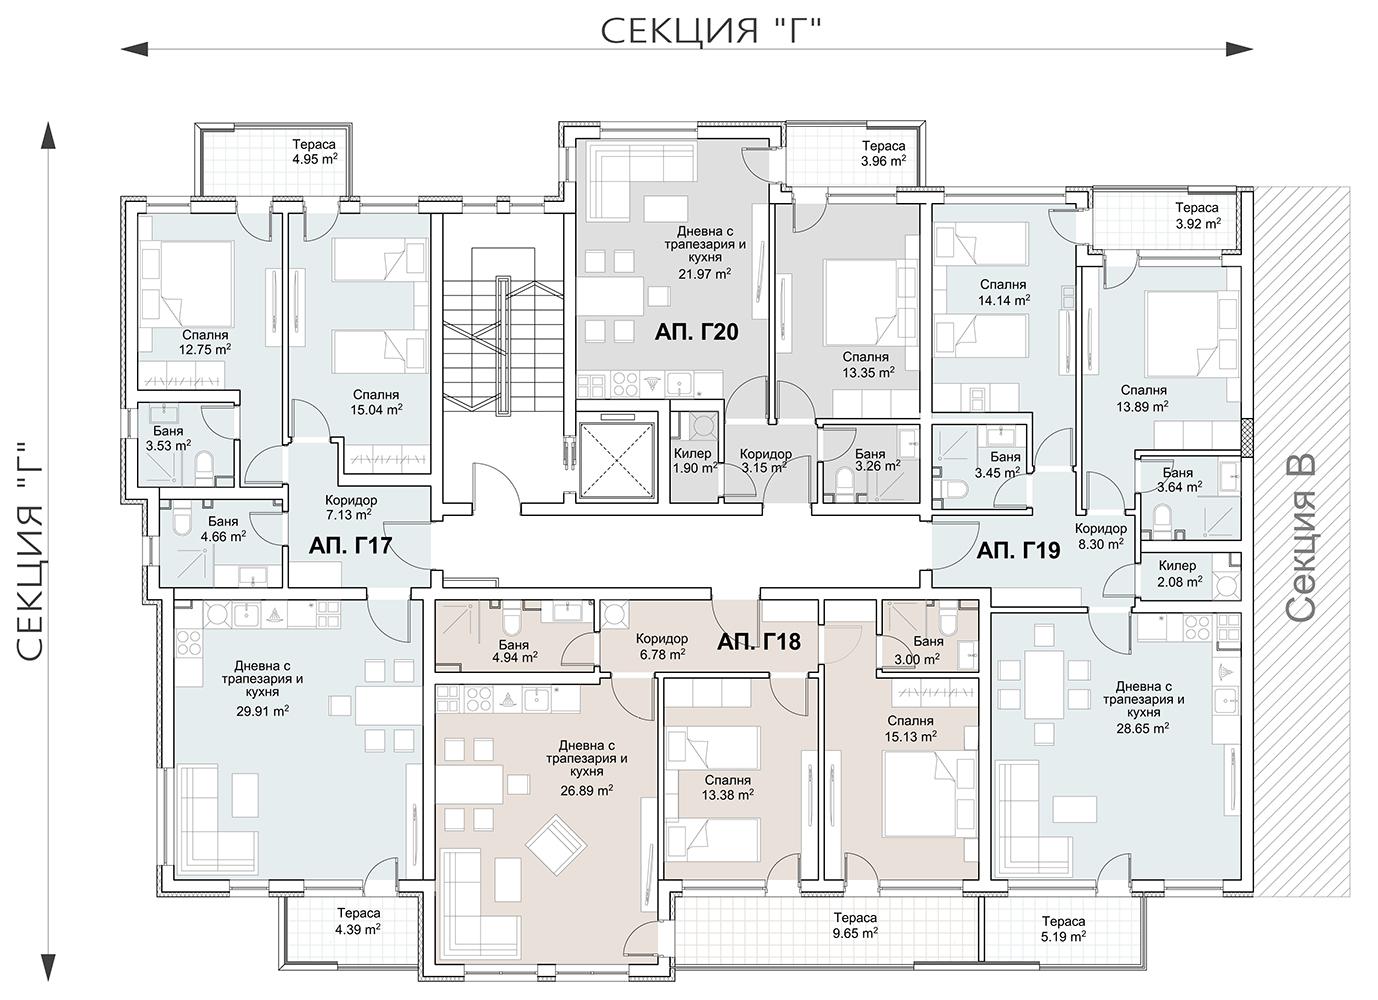 Сграда 1, вход Г, ет. 5